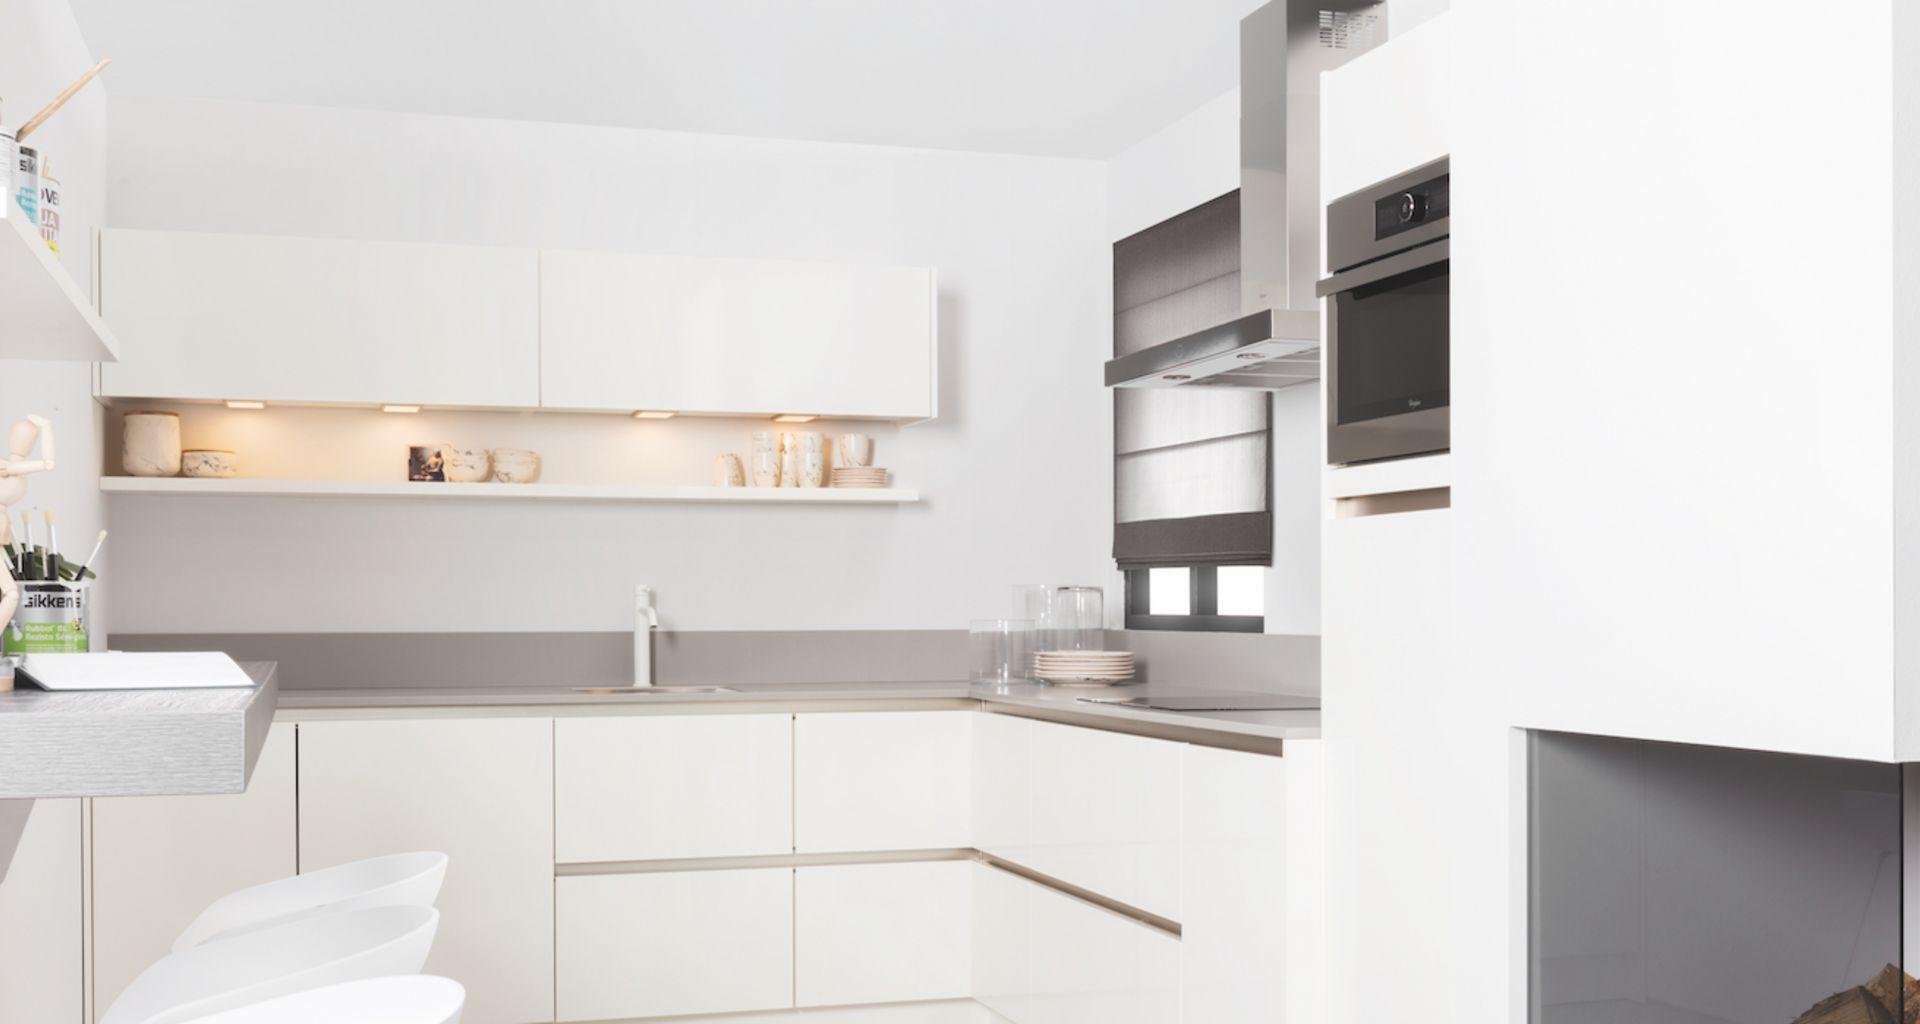 Verwonderlijk Bovenkasten in de keuken | Tulp Keukens XH-24